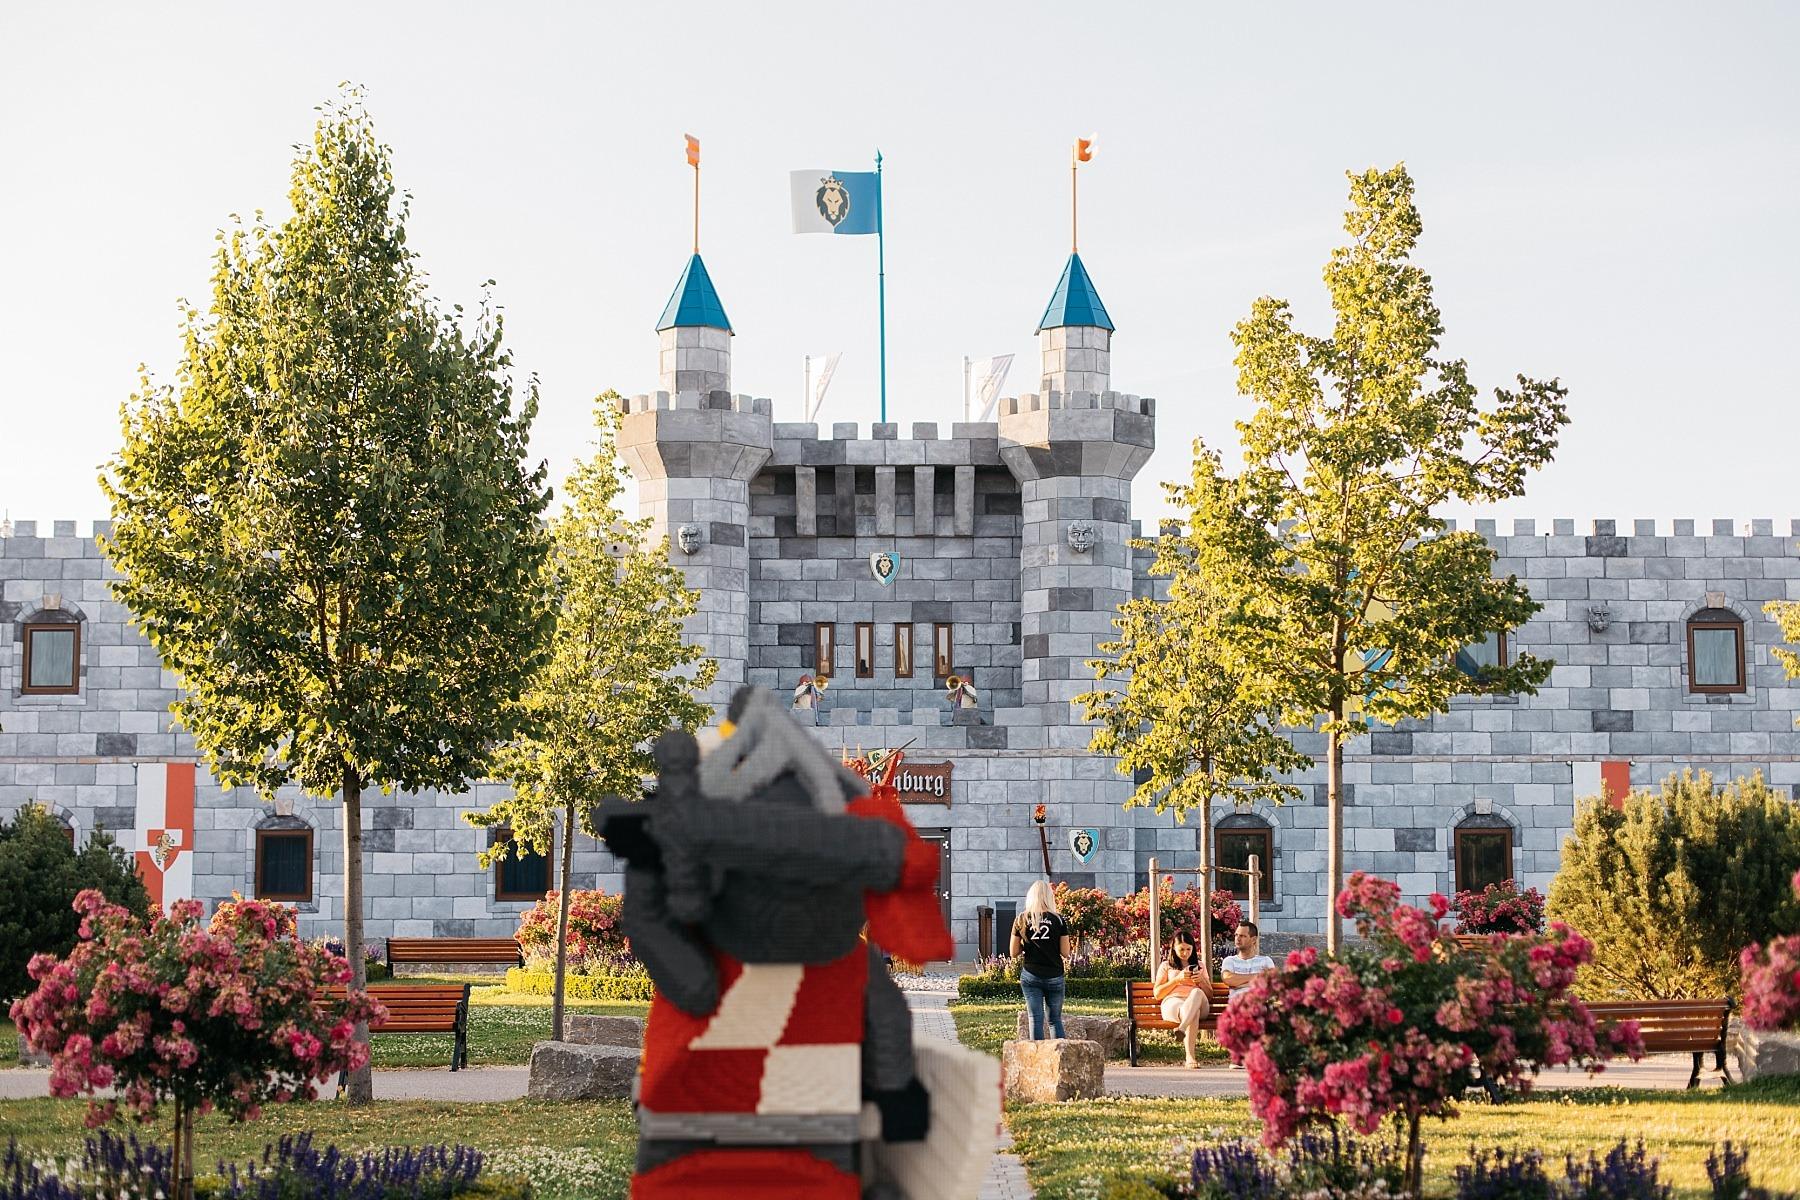 Legoland - 57 millions de briques Lego 64